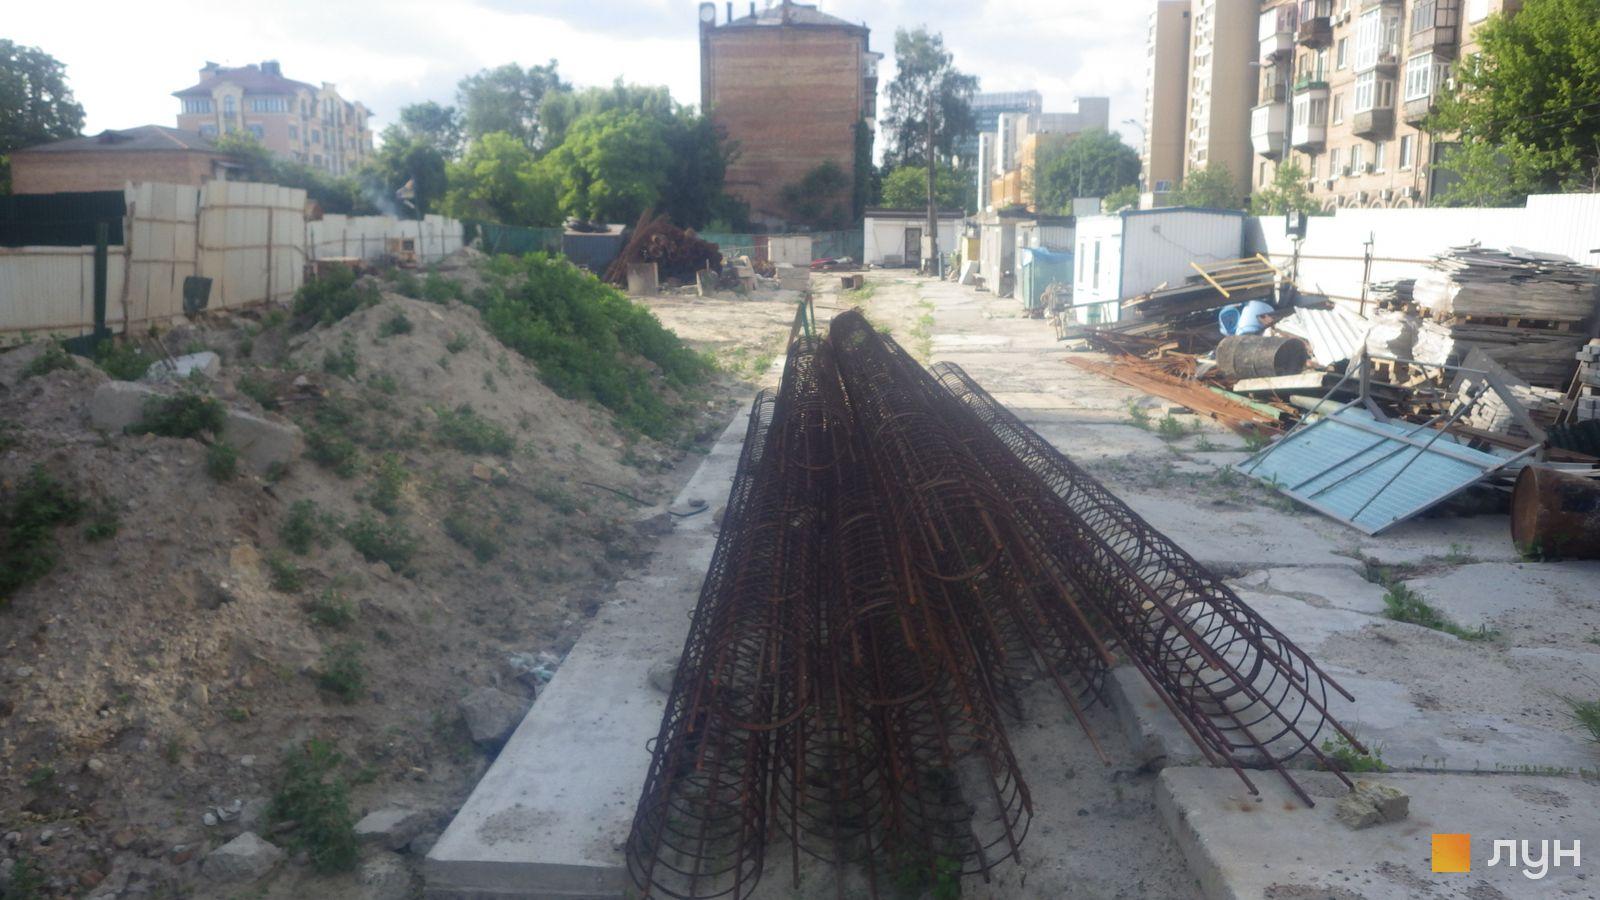 Ход строительства ул. Казимира Малевича, 44, 46, , июнь 2020